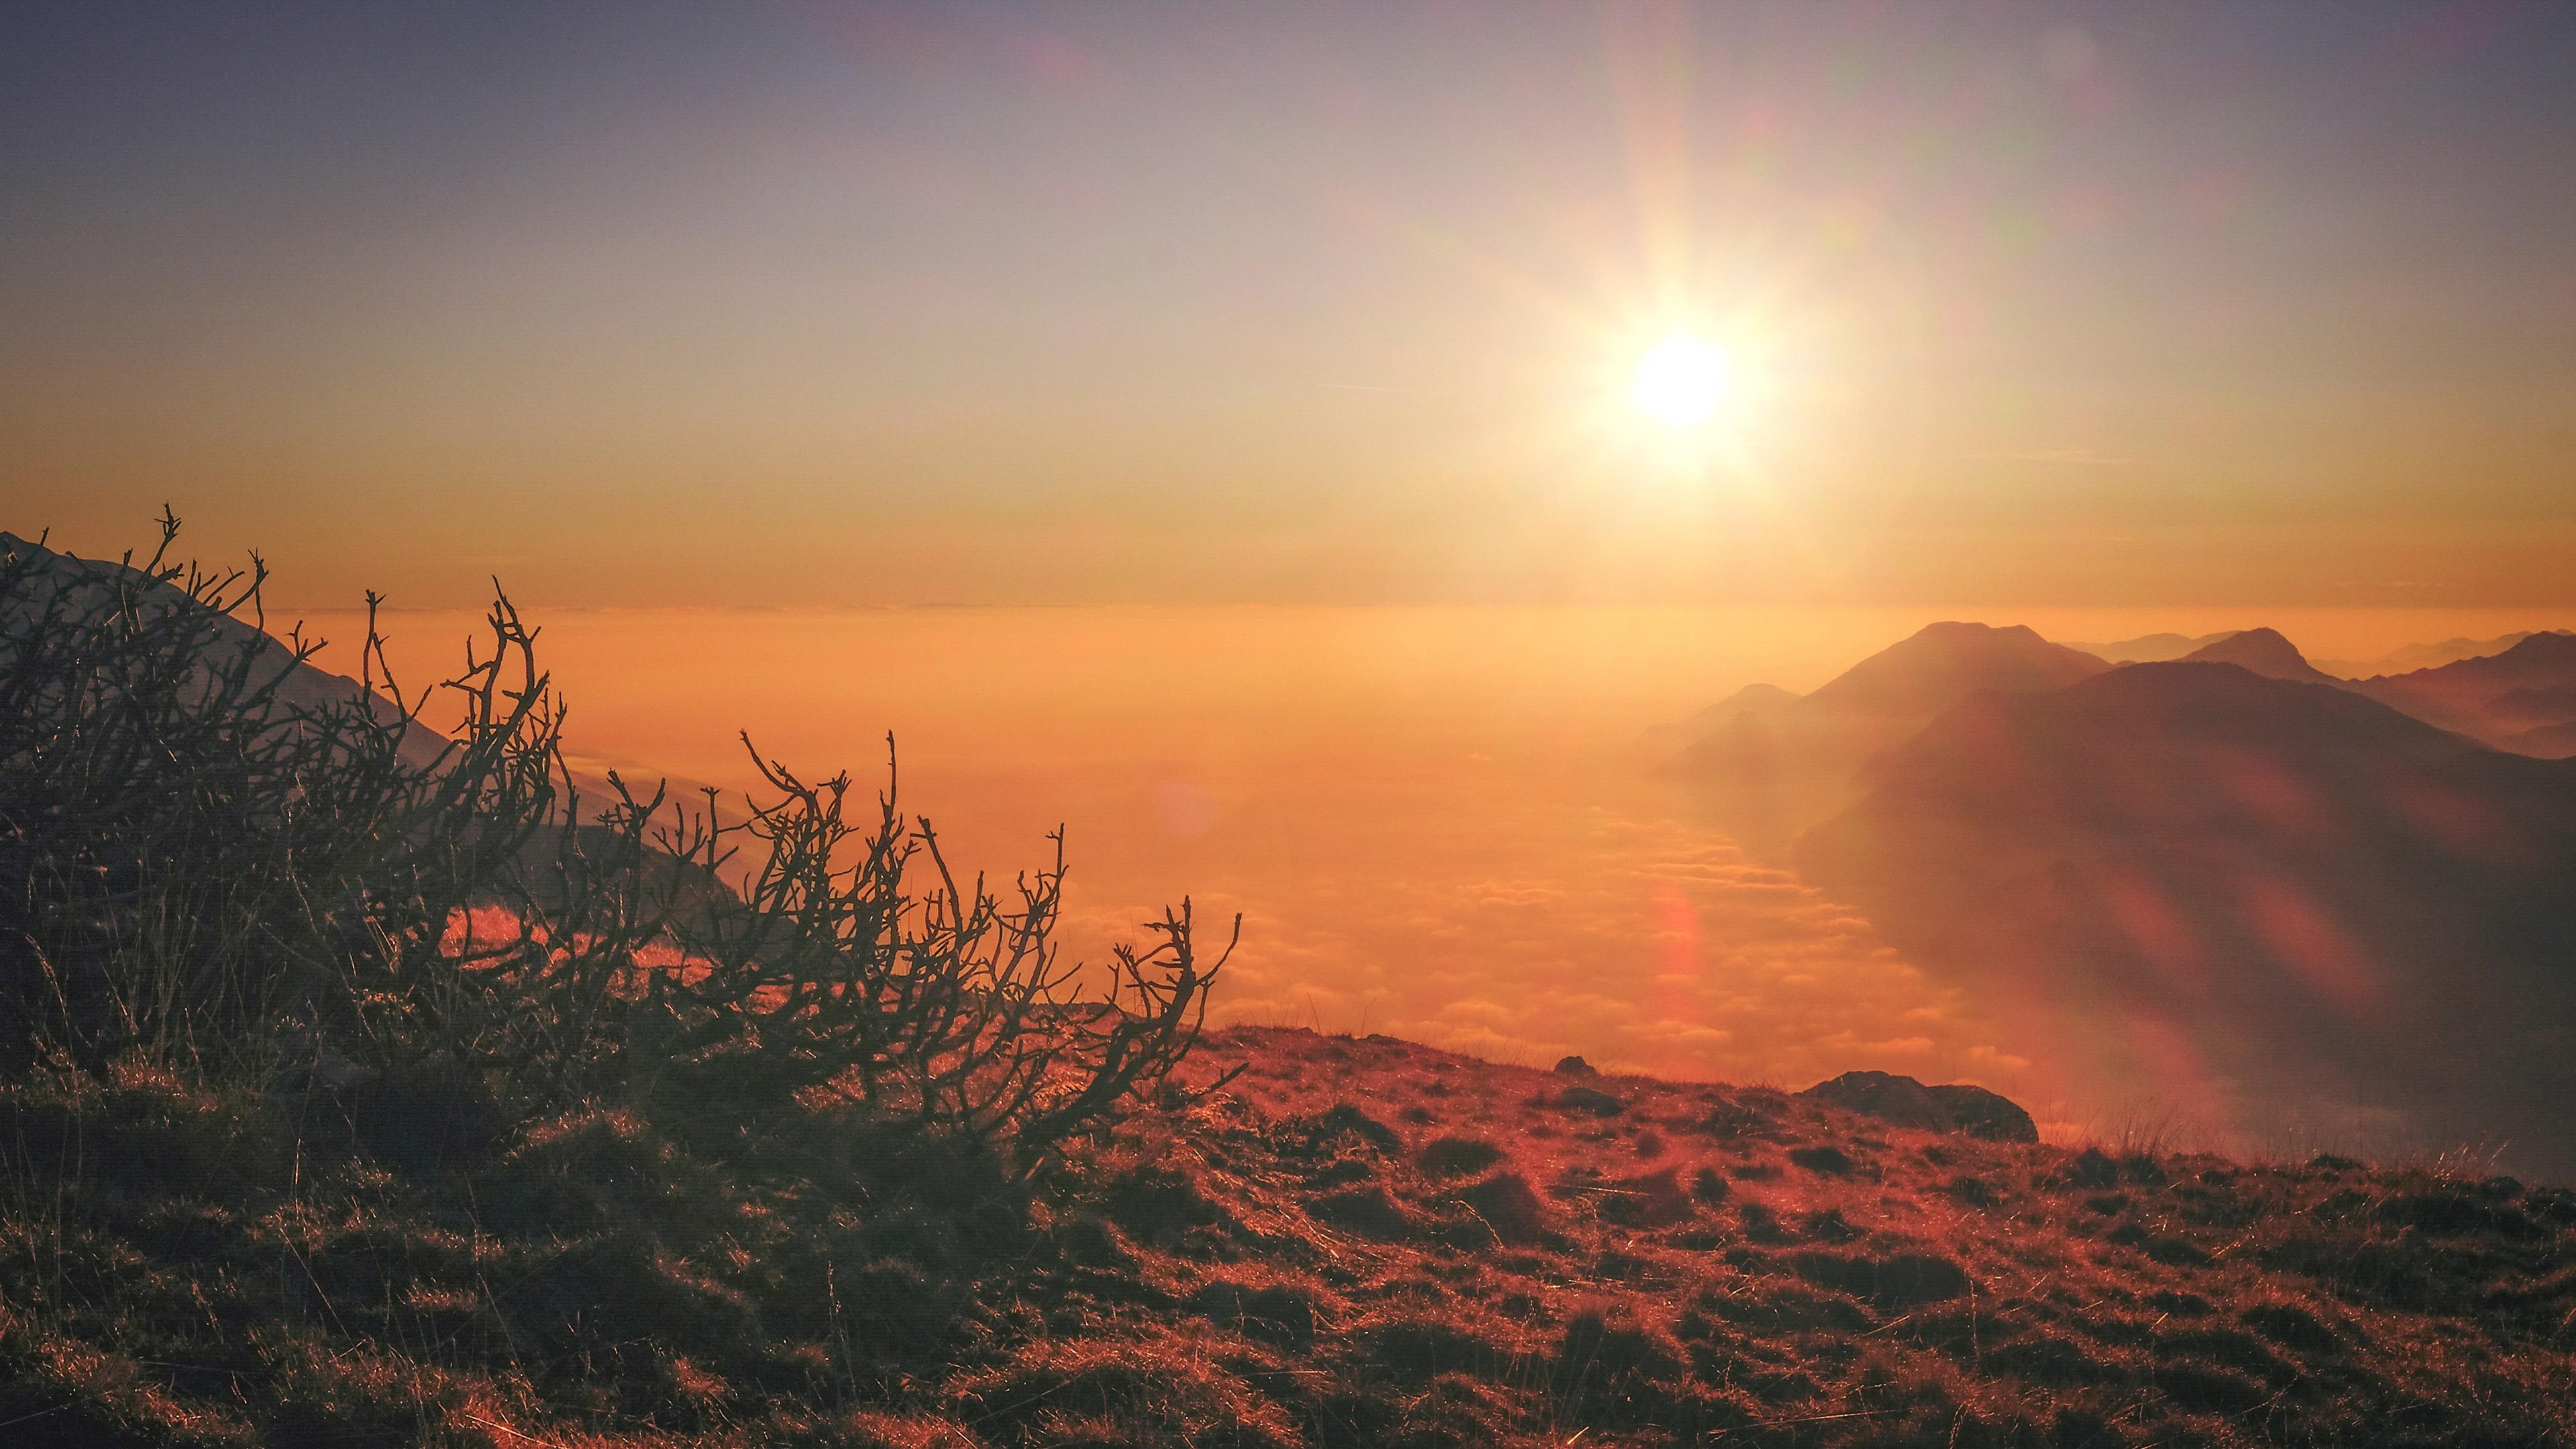 Photography Landscape Sunset Lens Flare Wallpaper And Lens Flare Hd Landscape 1436618 Hd Wallpaper Backgrounds Download